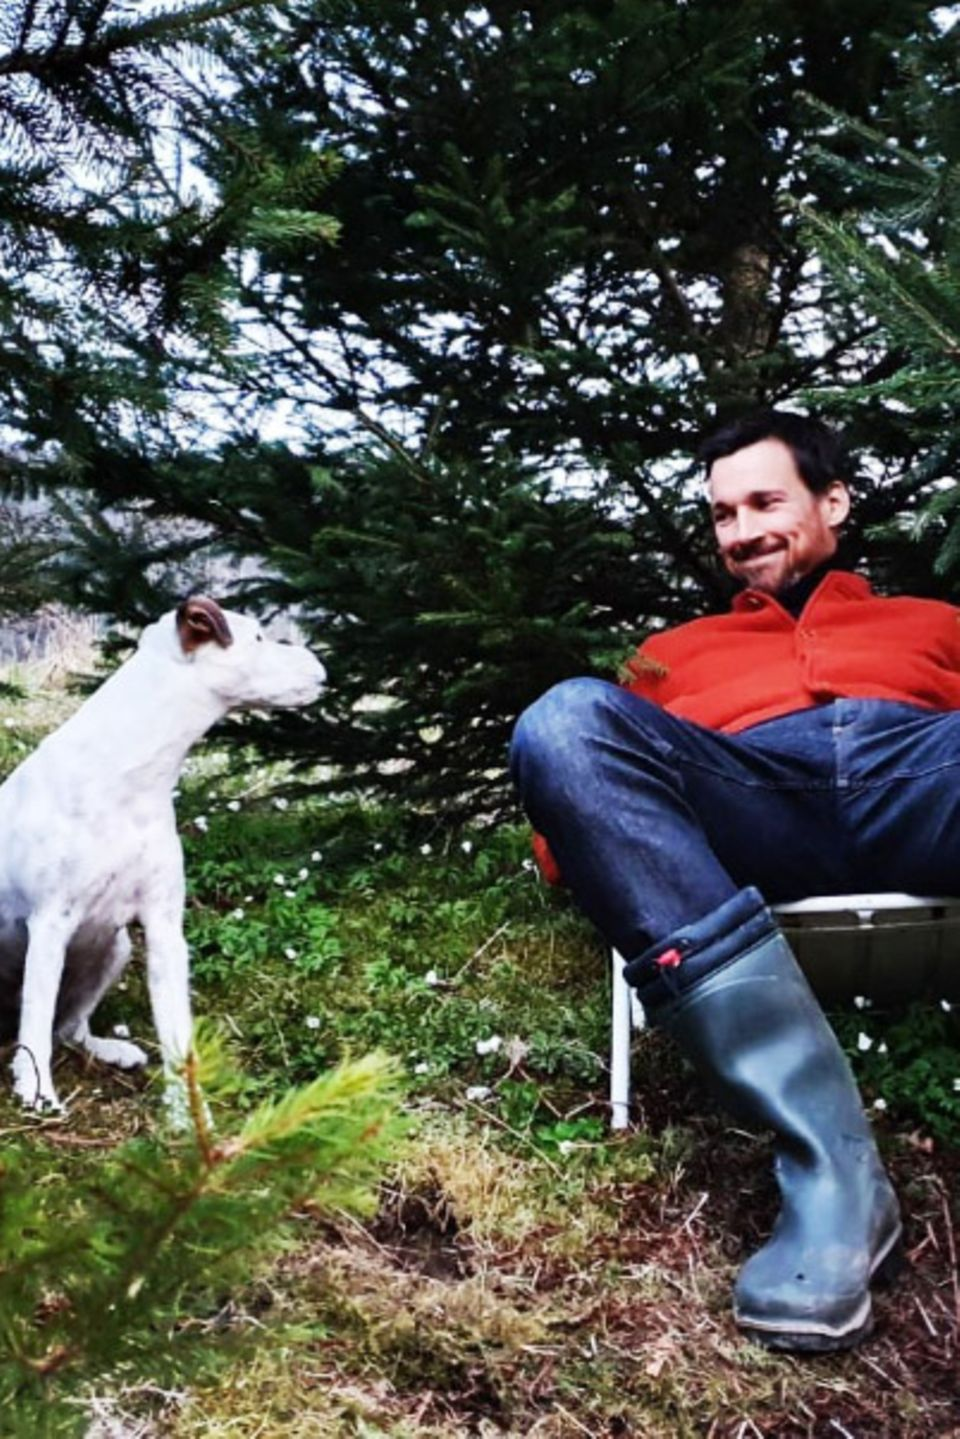 Auch in Krisenzeiten ist der Hund der treueste Begleiter der Stars, wie uns Schauspieler Florian David Fitz und Terrier Elmo zeigen. Vorbildlich hält sich der fellige Freund sogar an eine Pfotenlänge Abstand.